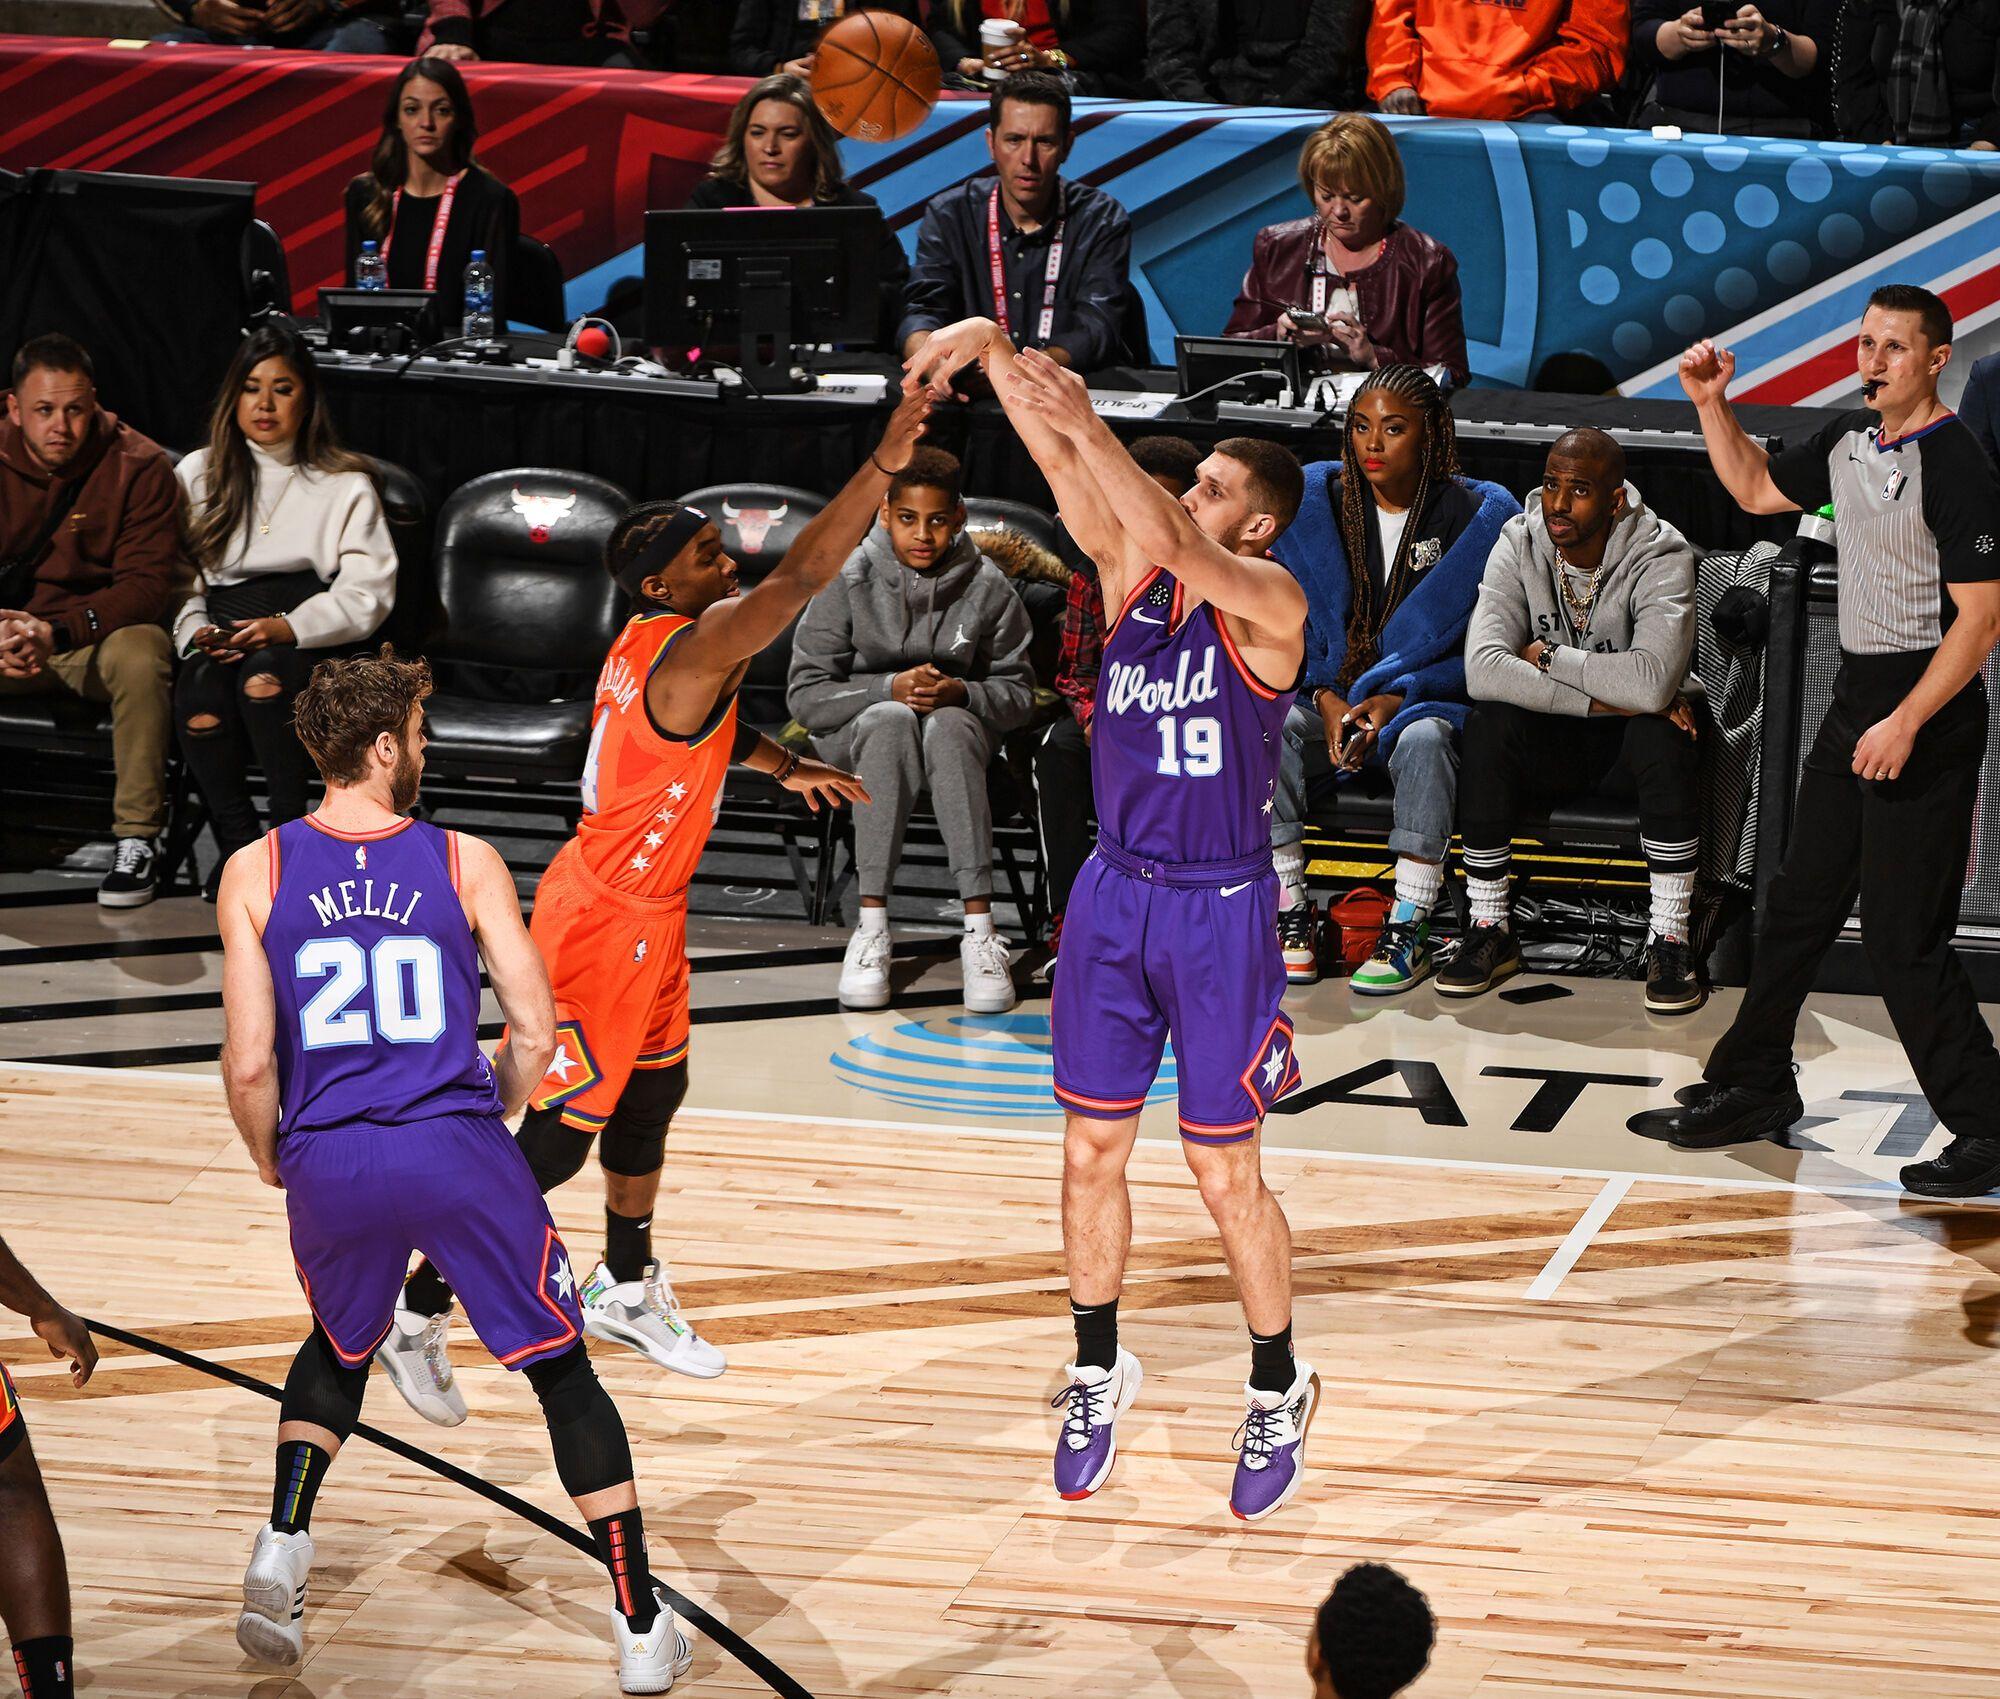 Святослав Михайлюк у матчі висхідних зірок НБА